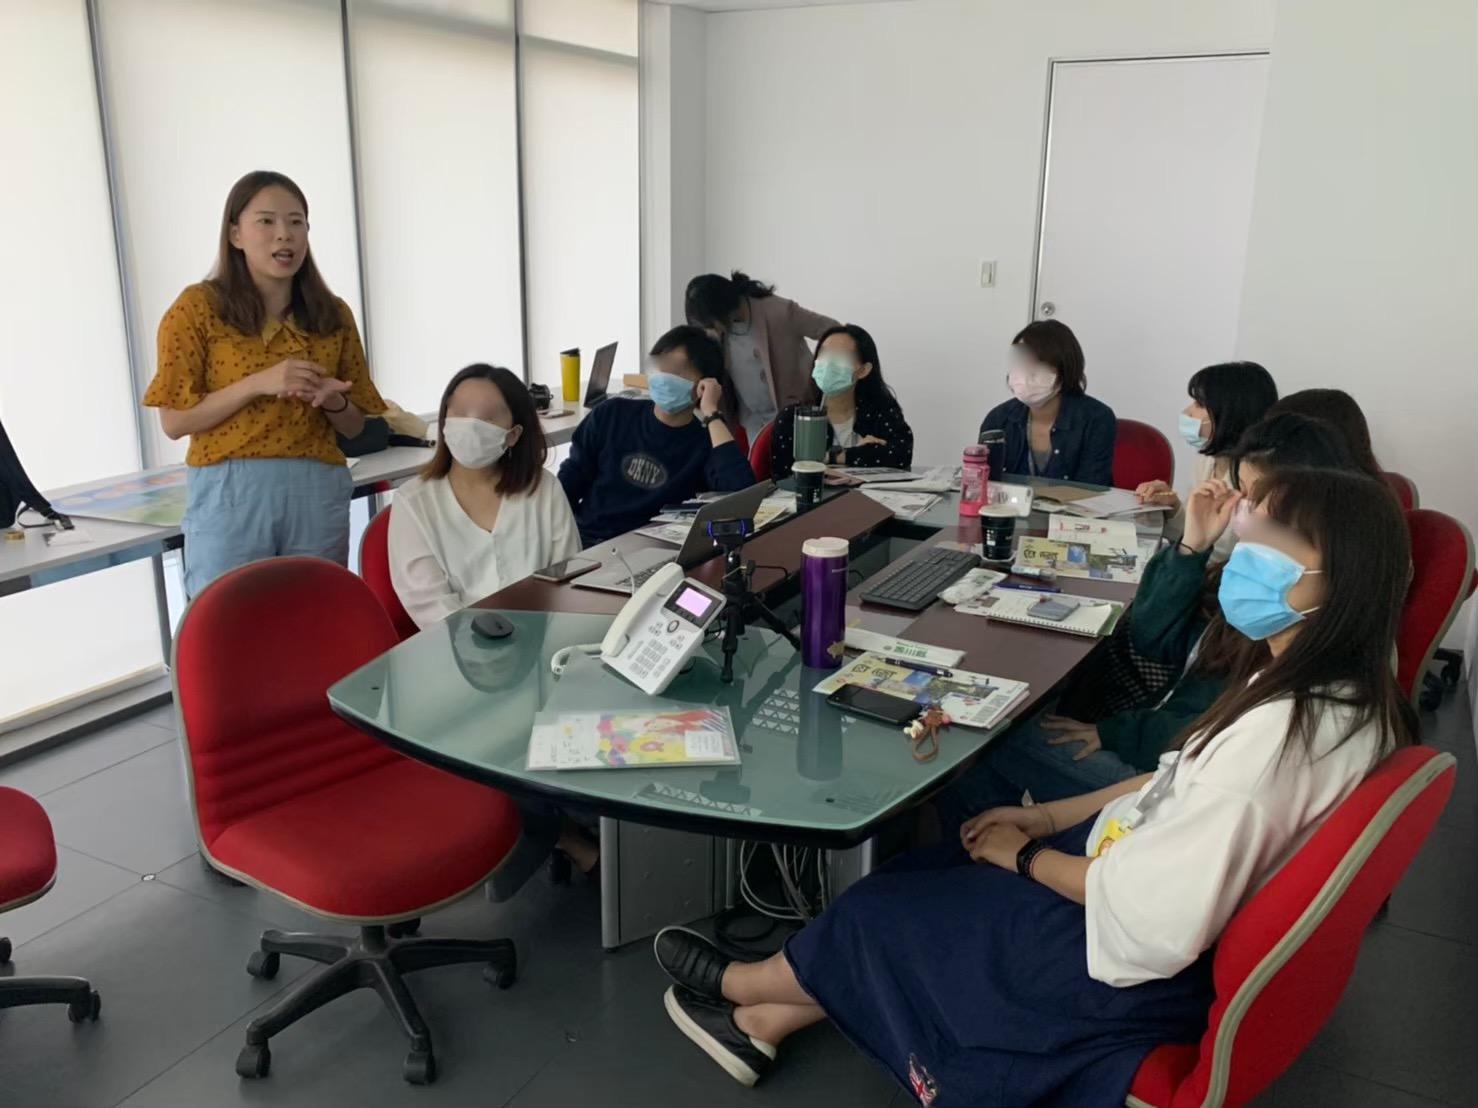 台湾旅行会社セールス、レップとして高知県の最新観光情報を商品造成担当者提供